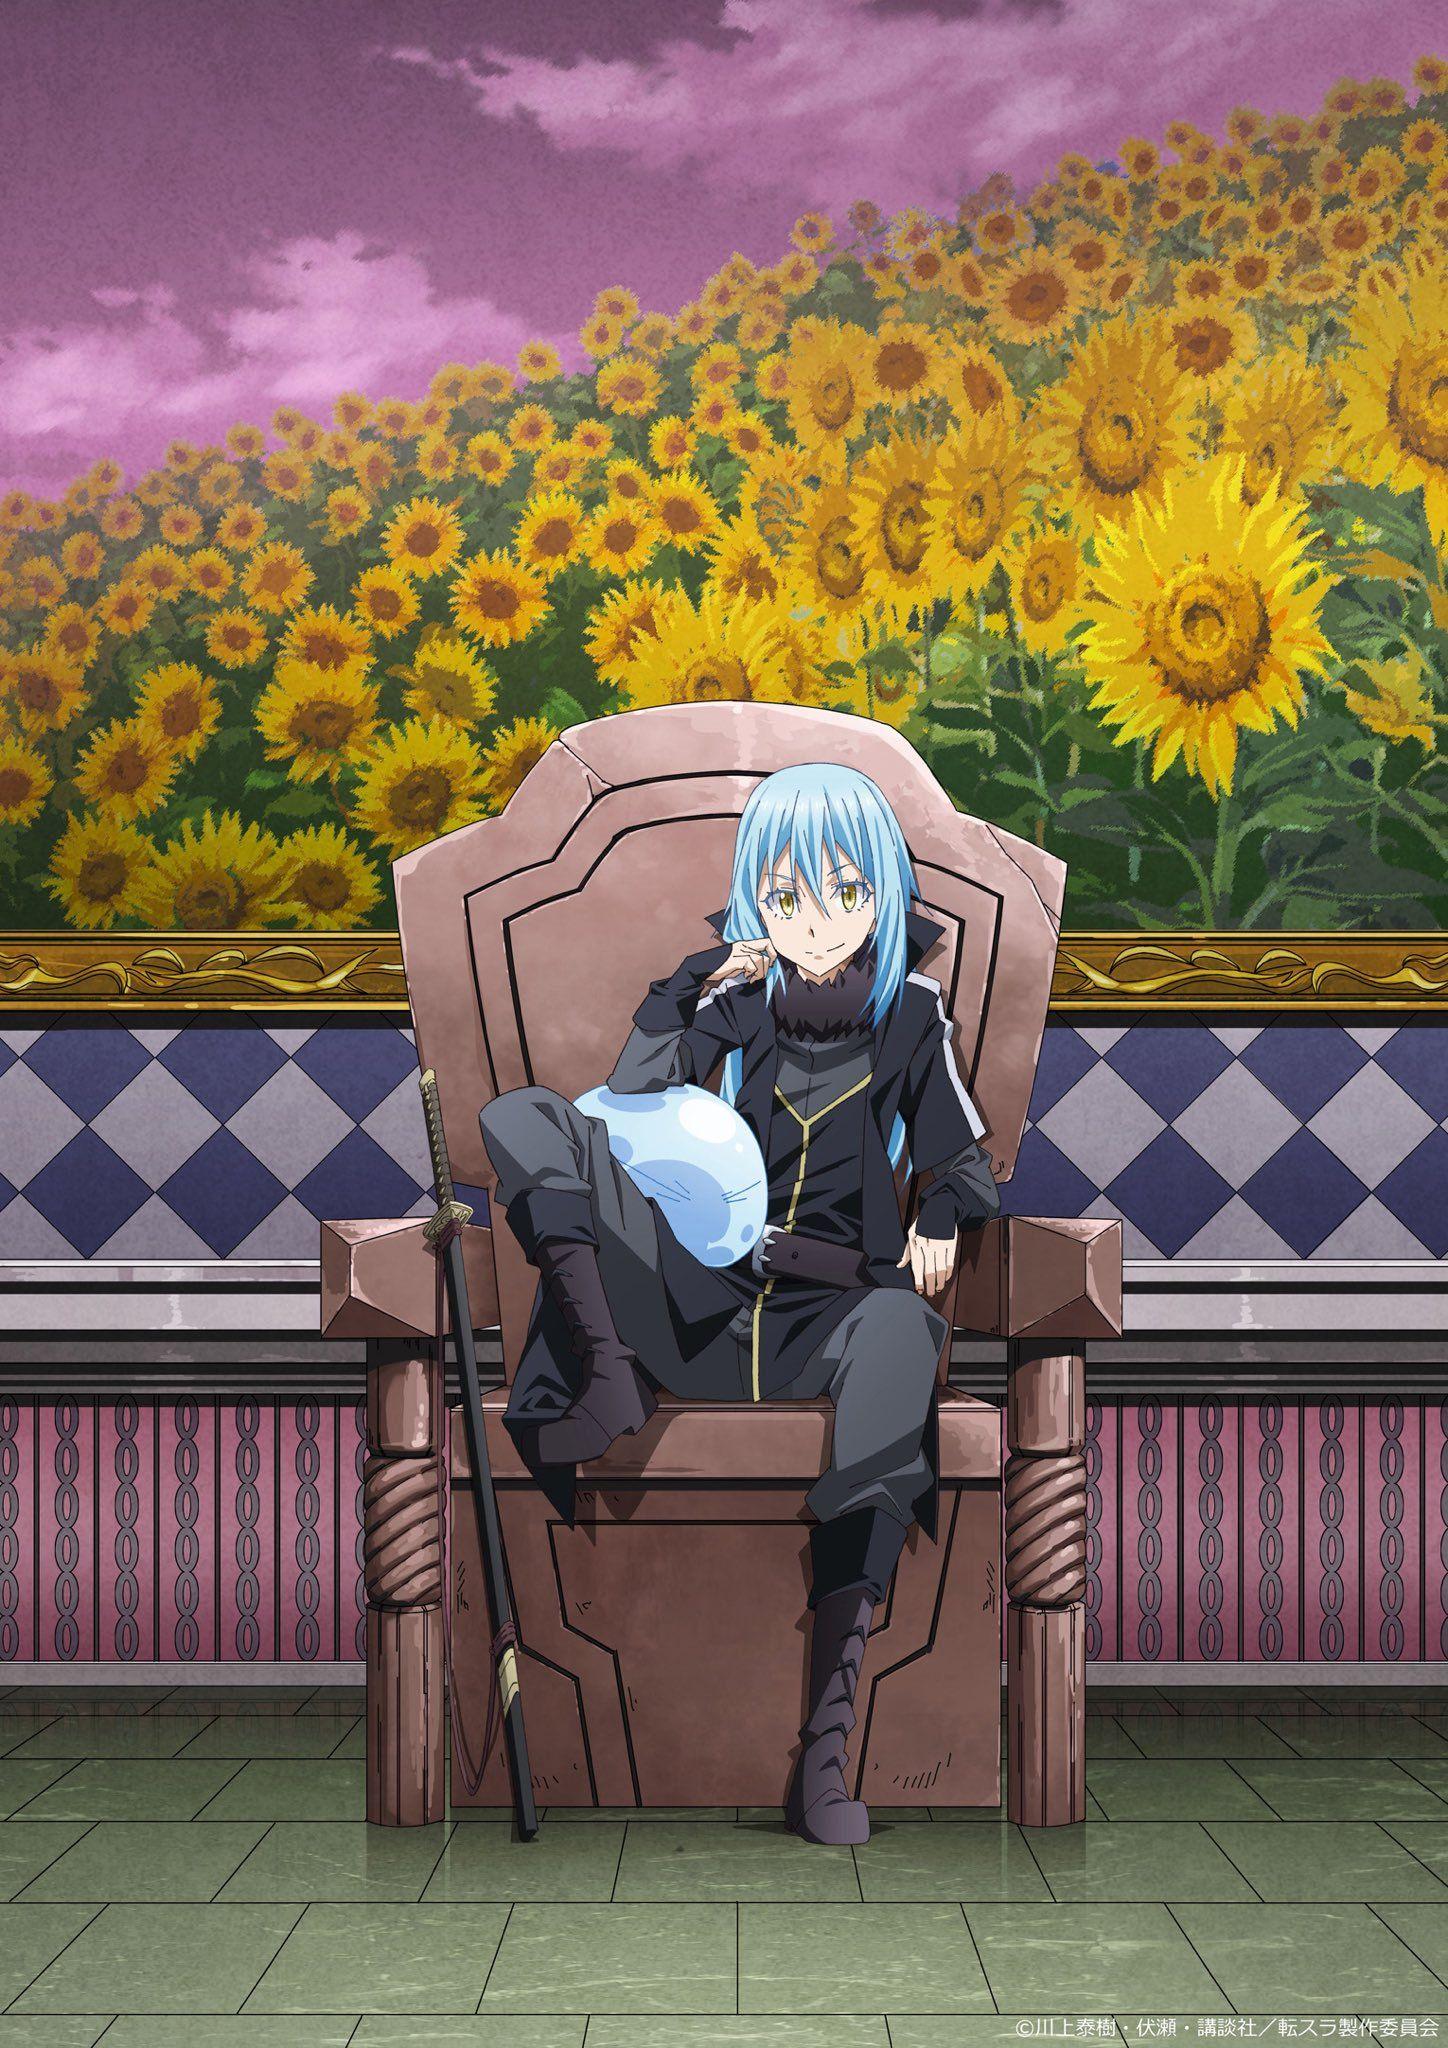 【公式】TVアニメ『転生したらスライムだった件』 on 關於我轉生成為史萊姆這檔事 Anime, Slime